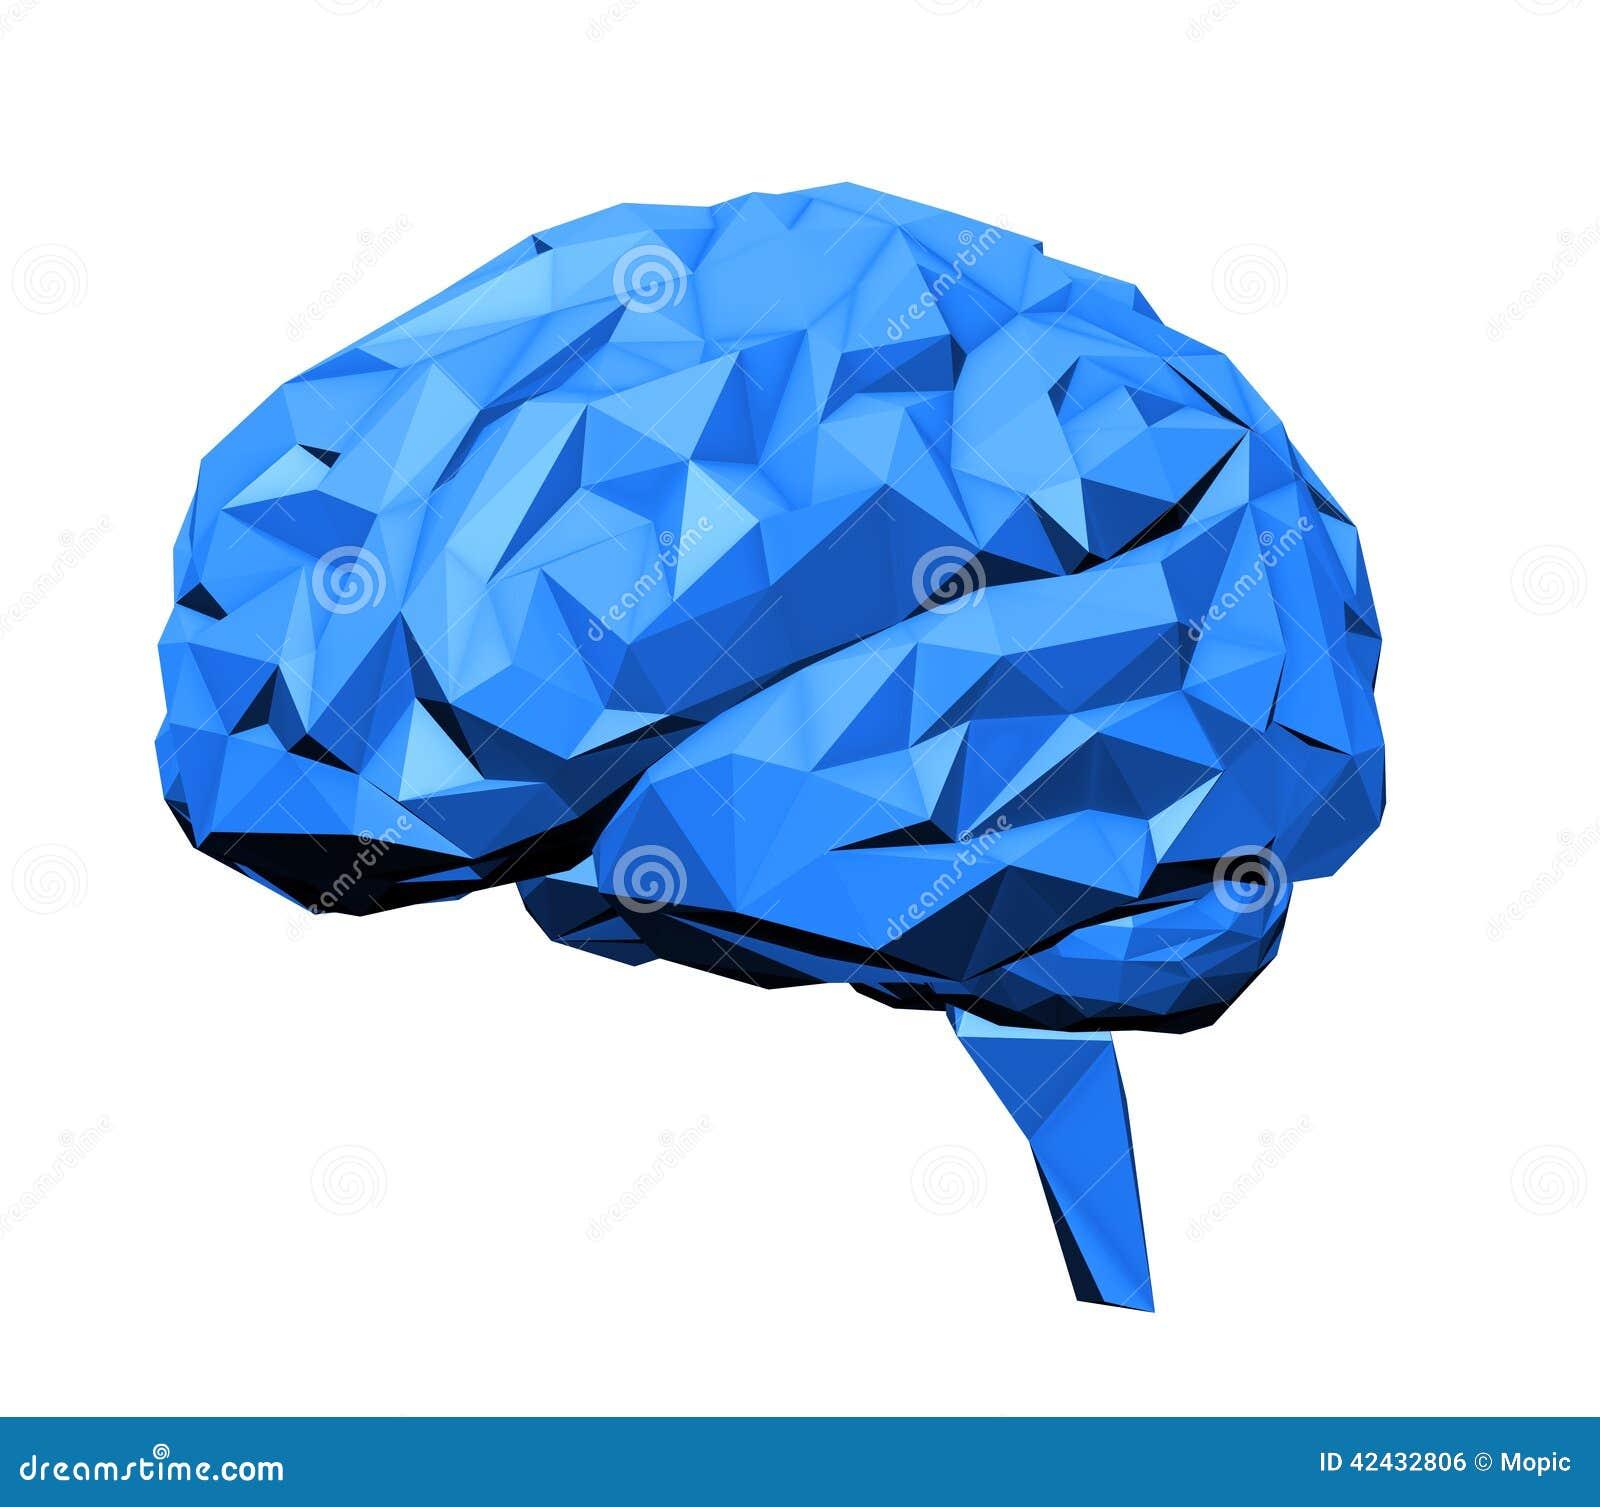 Cerebro humano estilizado